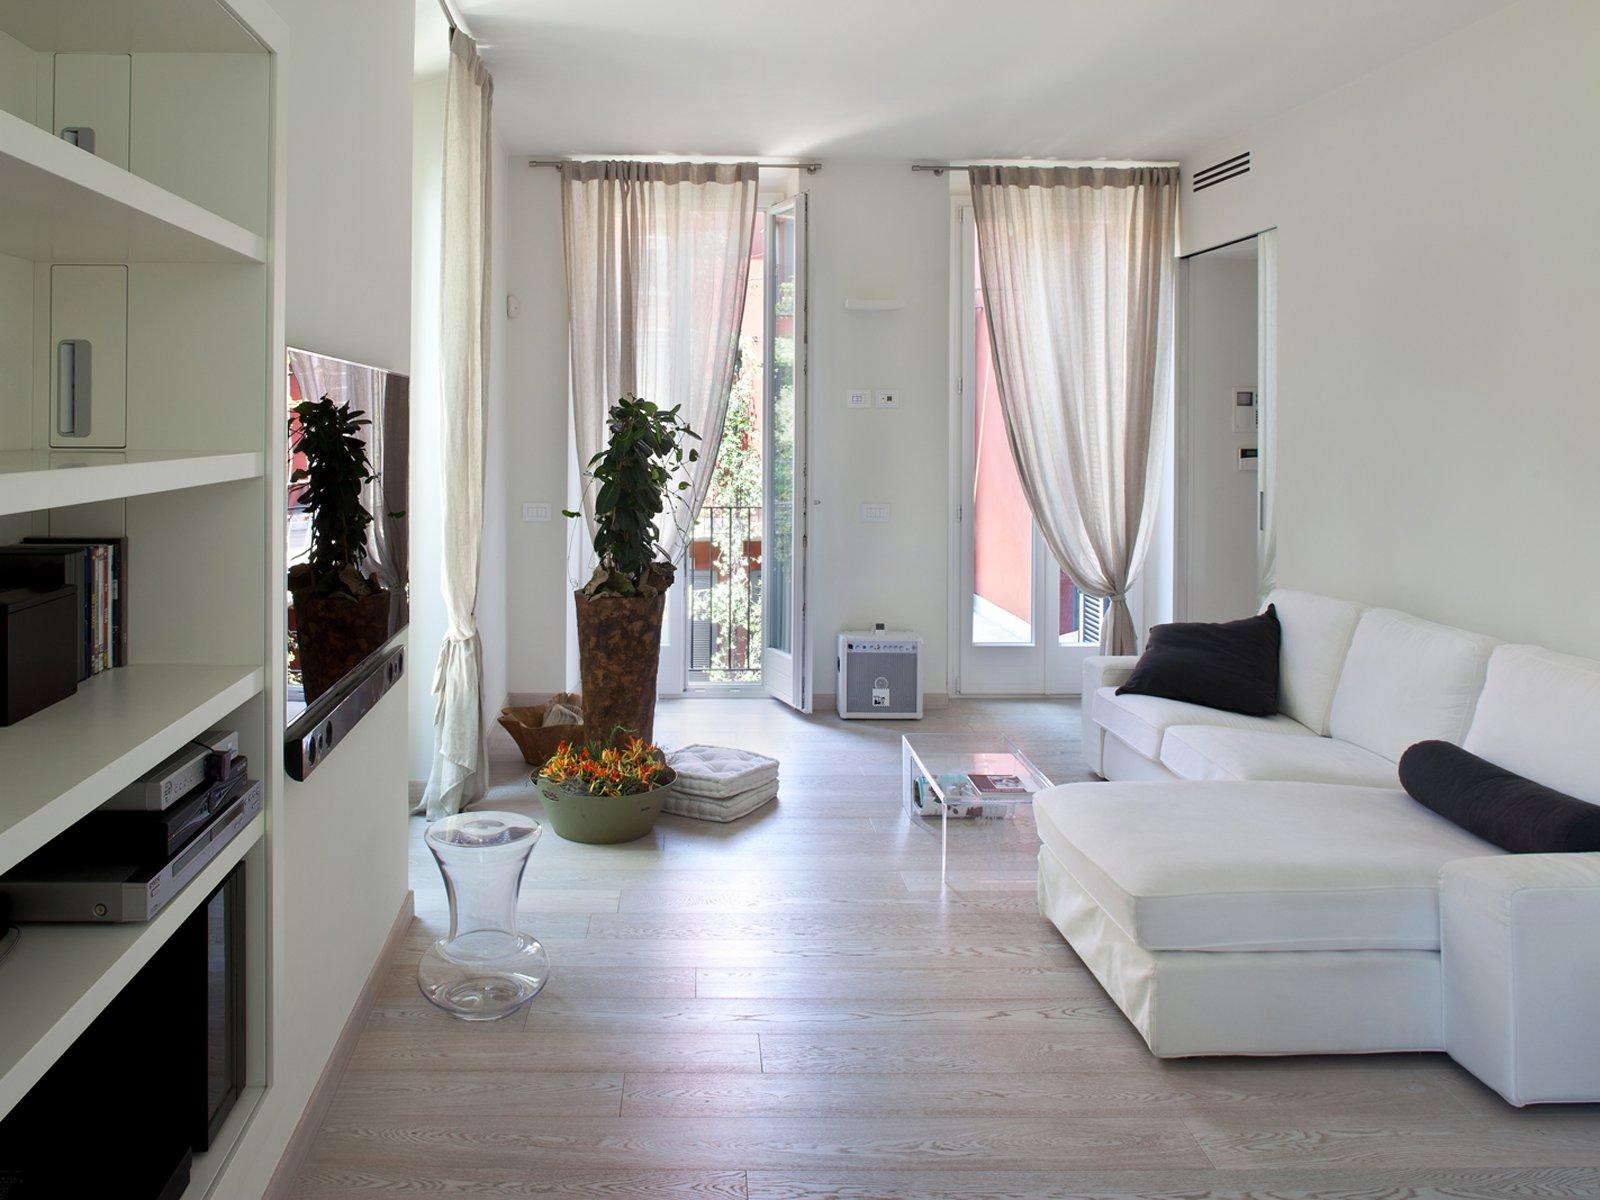 Cucina Soggiorno Open Space: Idee duplex open space ~ ispirazione design casa...